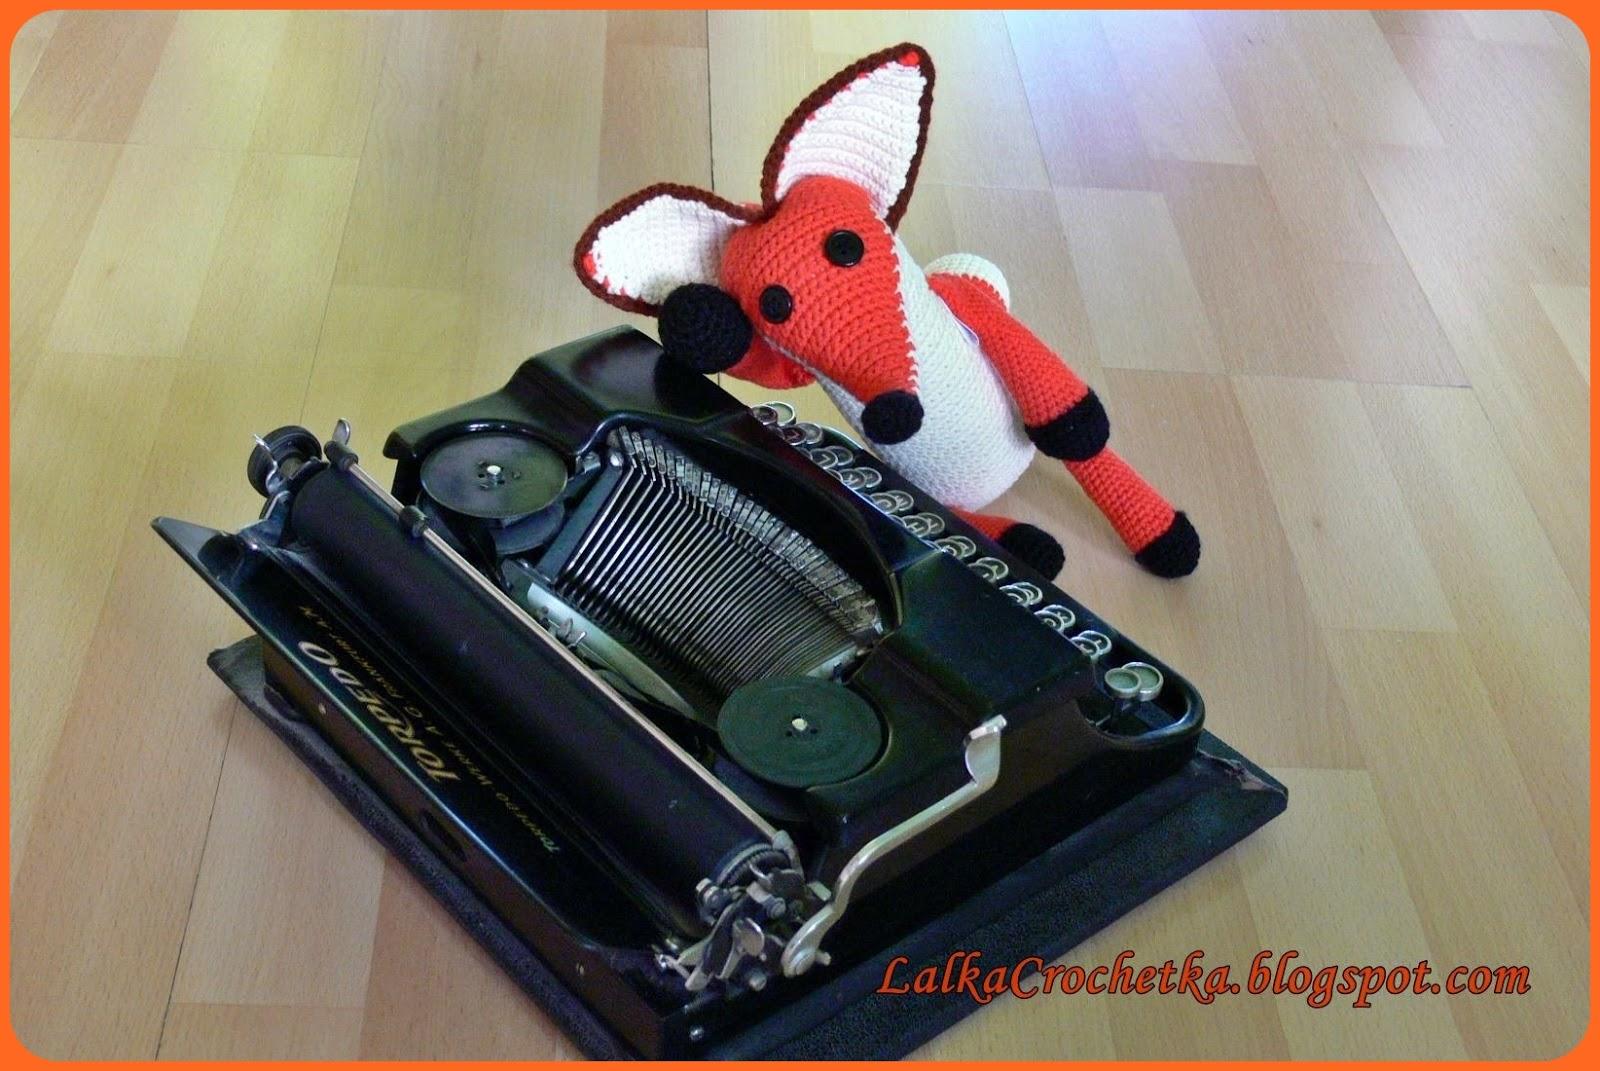 http://lalkacrochetka.blogspot.com/2015/12/fox-little-prince-lis-may-ksiaze.html